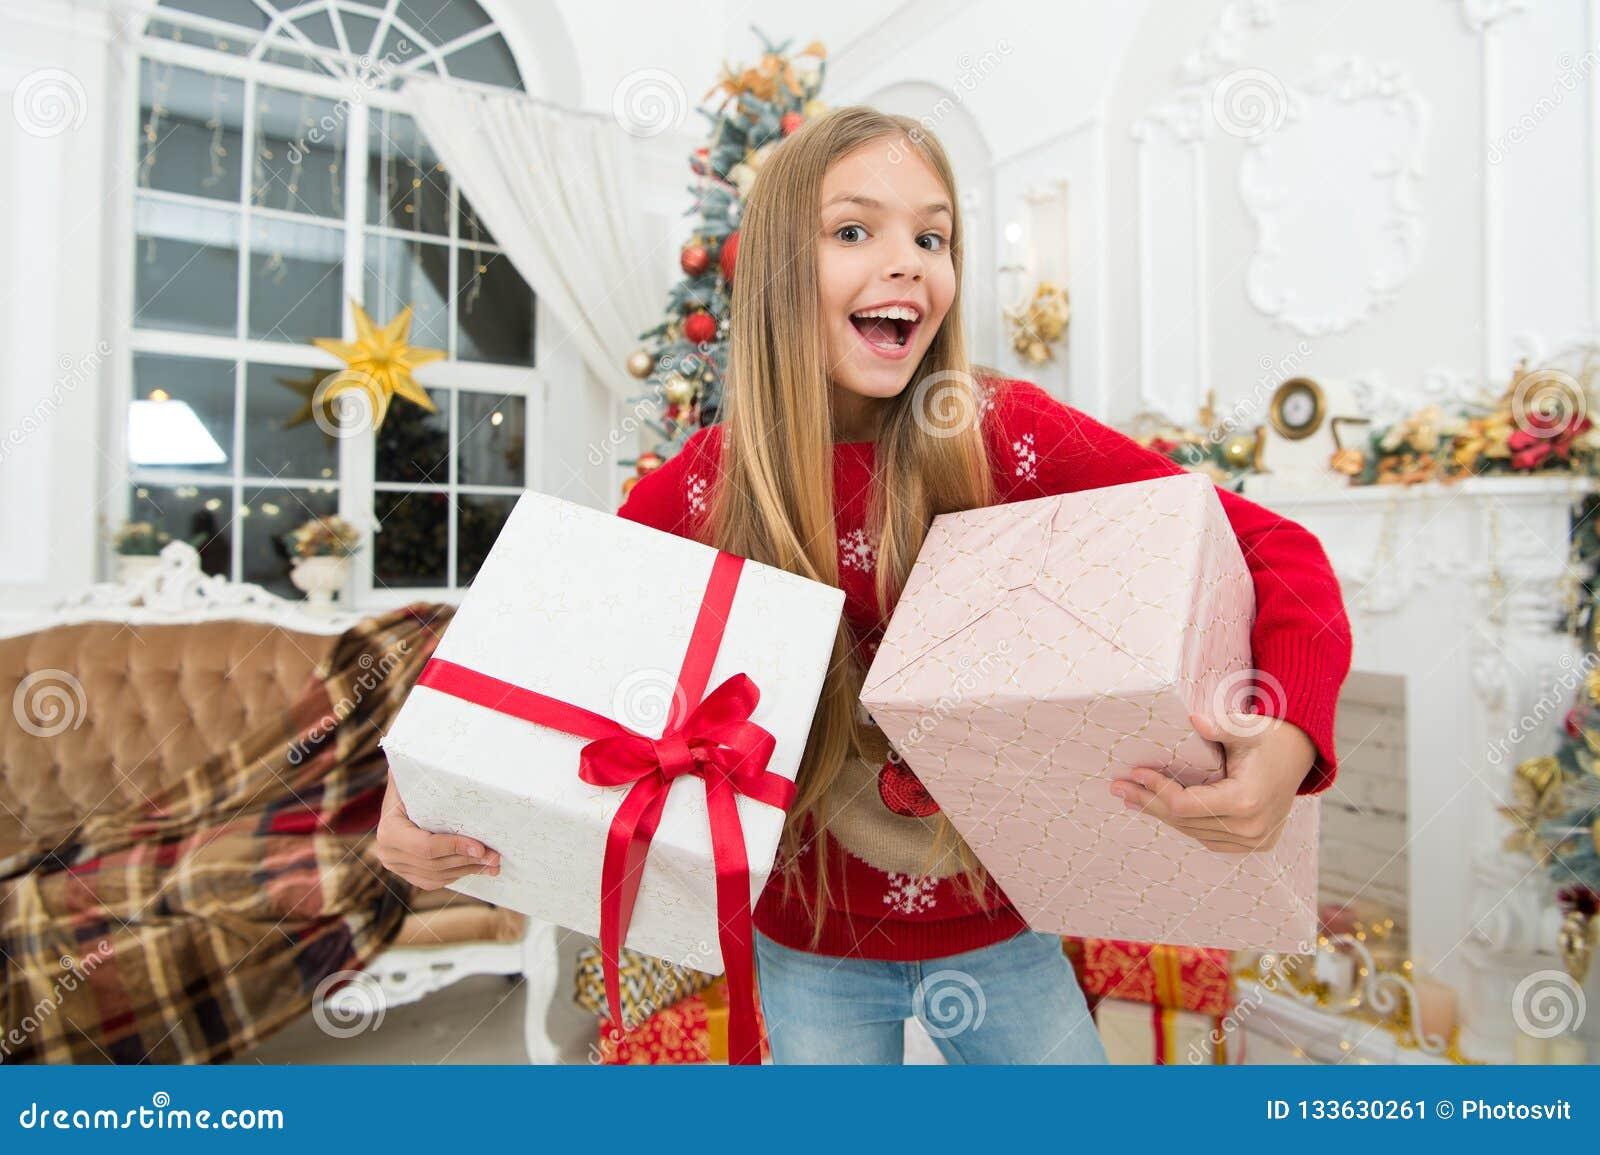 Kind genießen den Feiertag Weihnachtsbaum und Geschenke Glückliches neues Jahr Die ganze Welt in einer Note Winter Weihnachten on